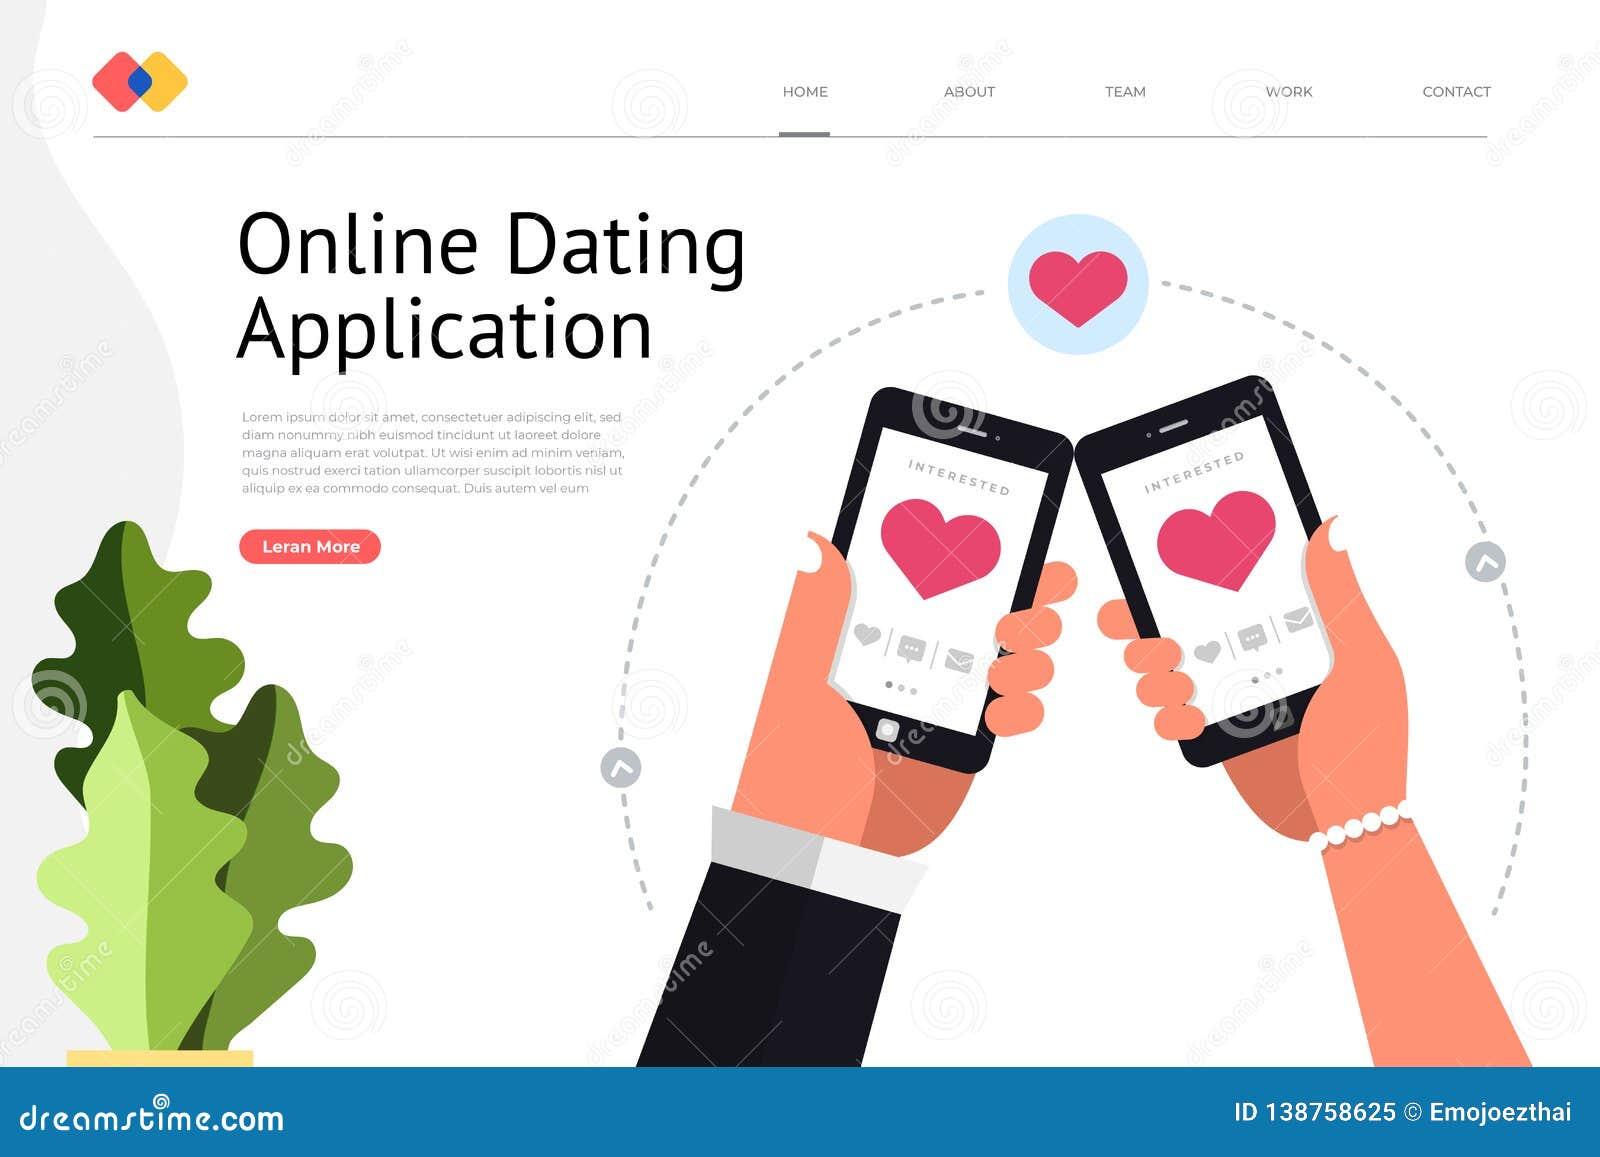 När ska du be någon ut online dating